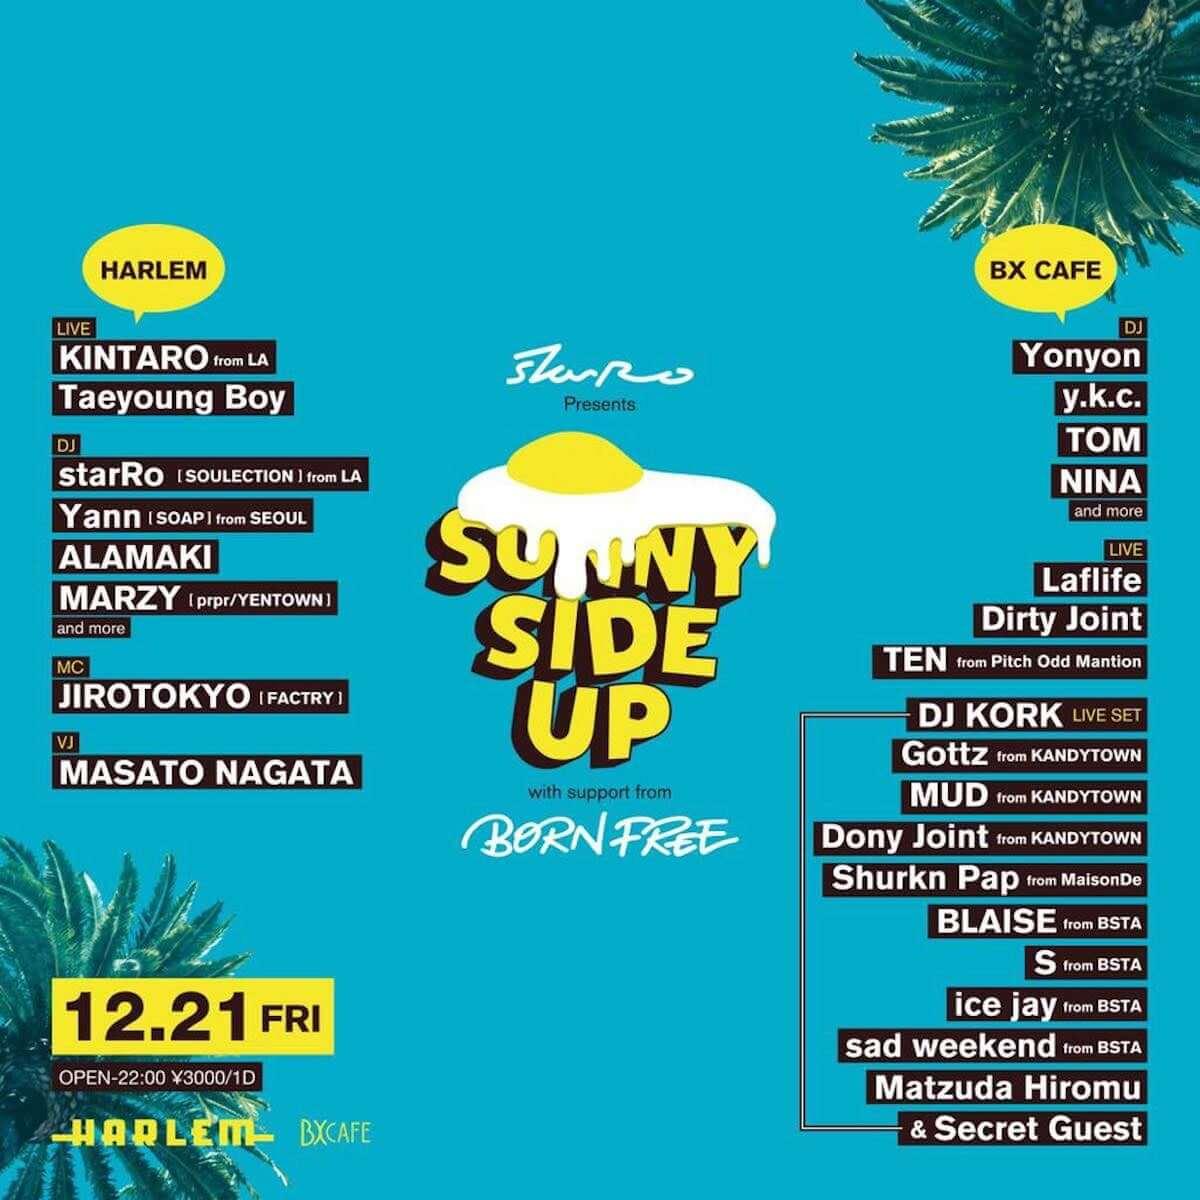 グラミーノミネーター・starRo主催イベントにThundercatの実弟KINTAROが来日|Taeyoung BoyやYann、ALAMAKI、MARZYらが登場 music181217-sunnysideup-1200x1200